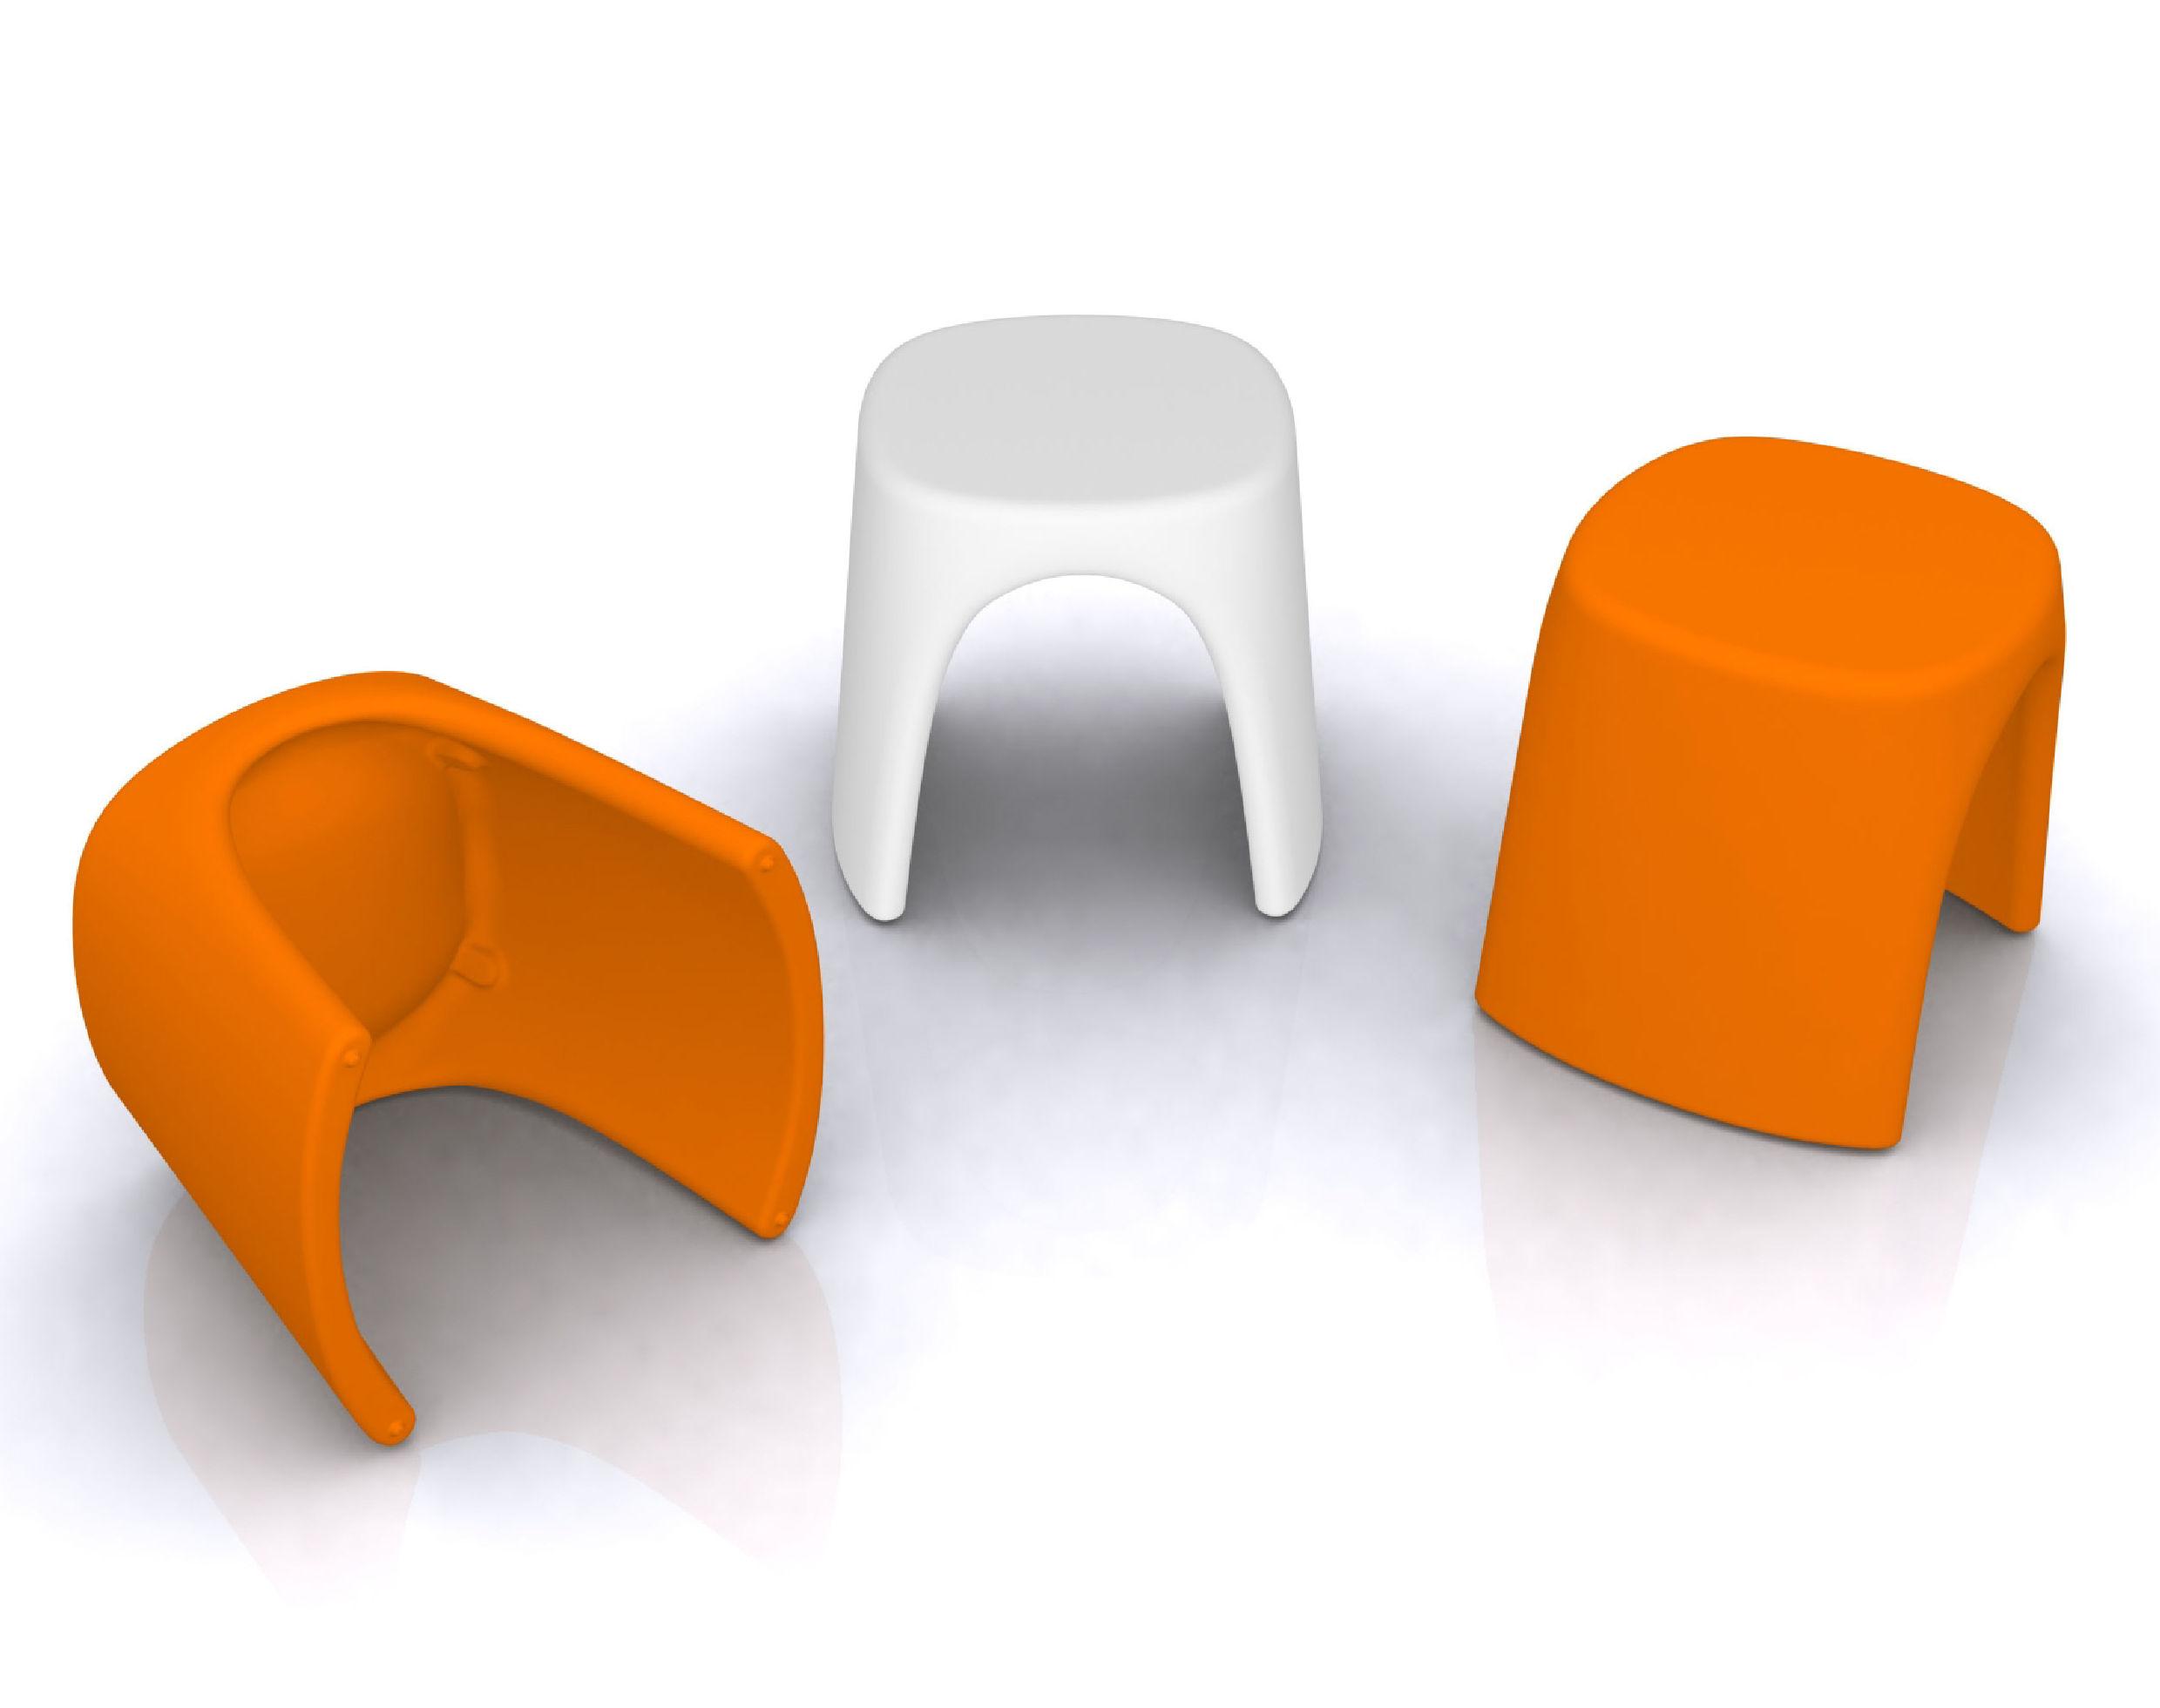 tabouret empilable am lie plastique noir slide. Black Bedroom Furniture Sets. Home Design Ideas